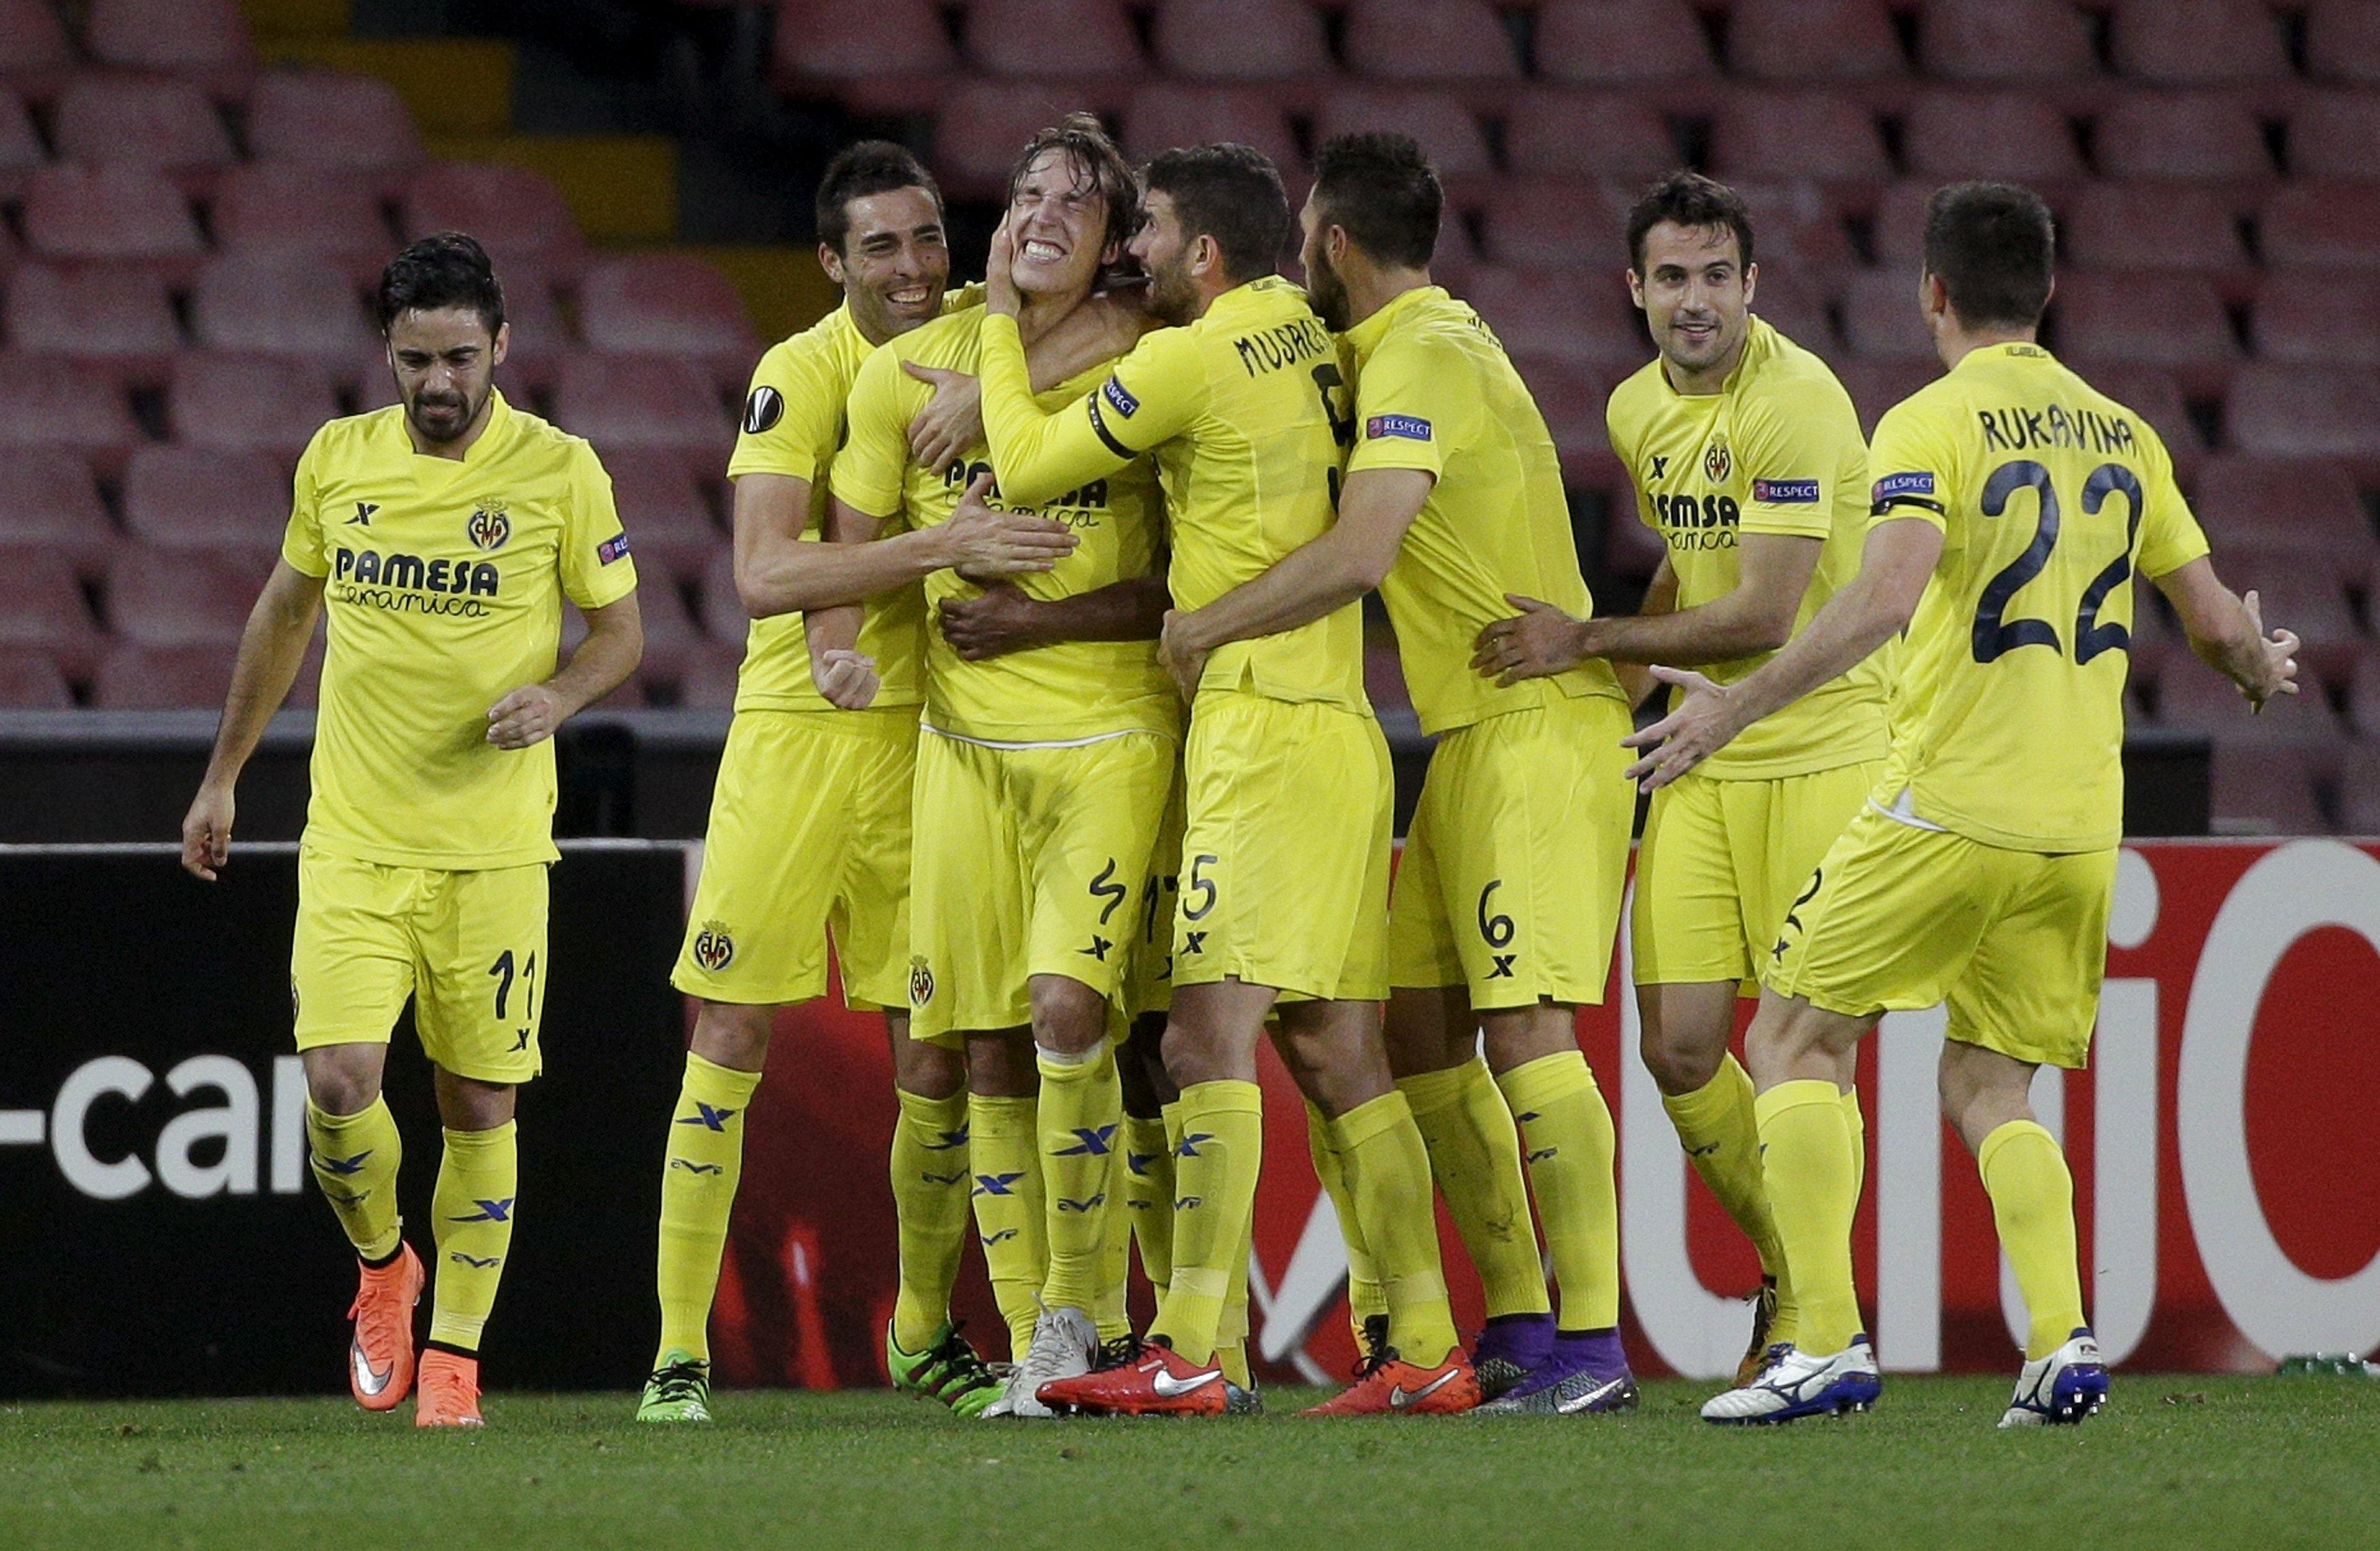 Los jugadores del Villarreal celebran el gol de Pina ante el Nápoles. /ep